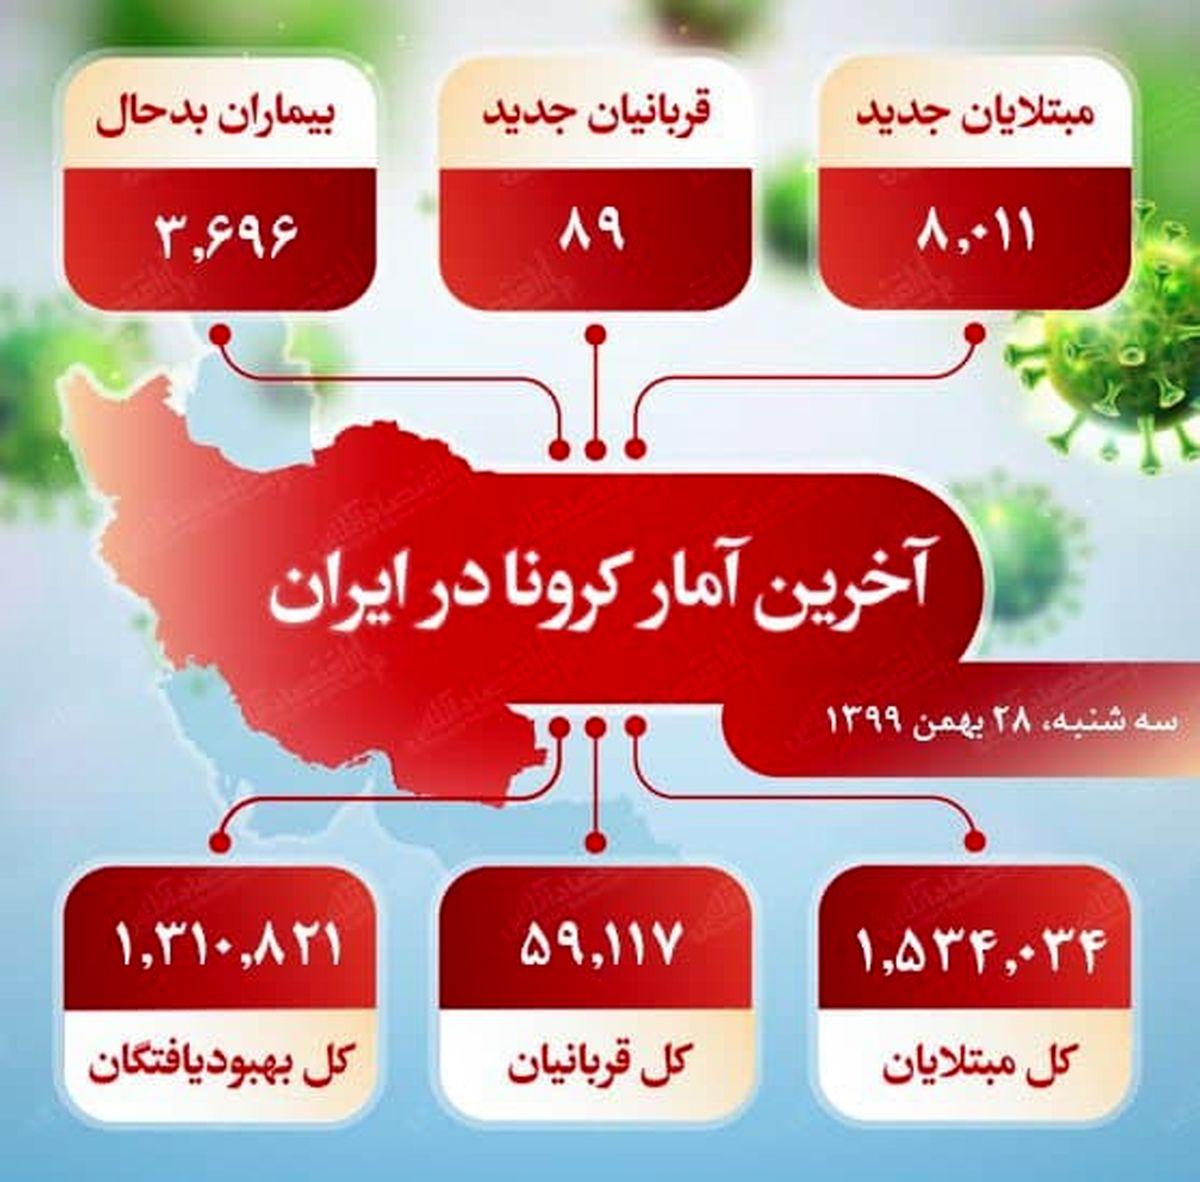 آخرین آمار کرونا در ایران (۹۹/۱۱/۲۸)